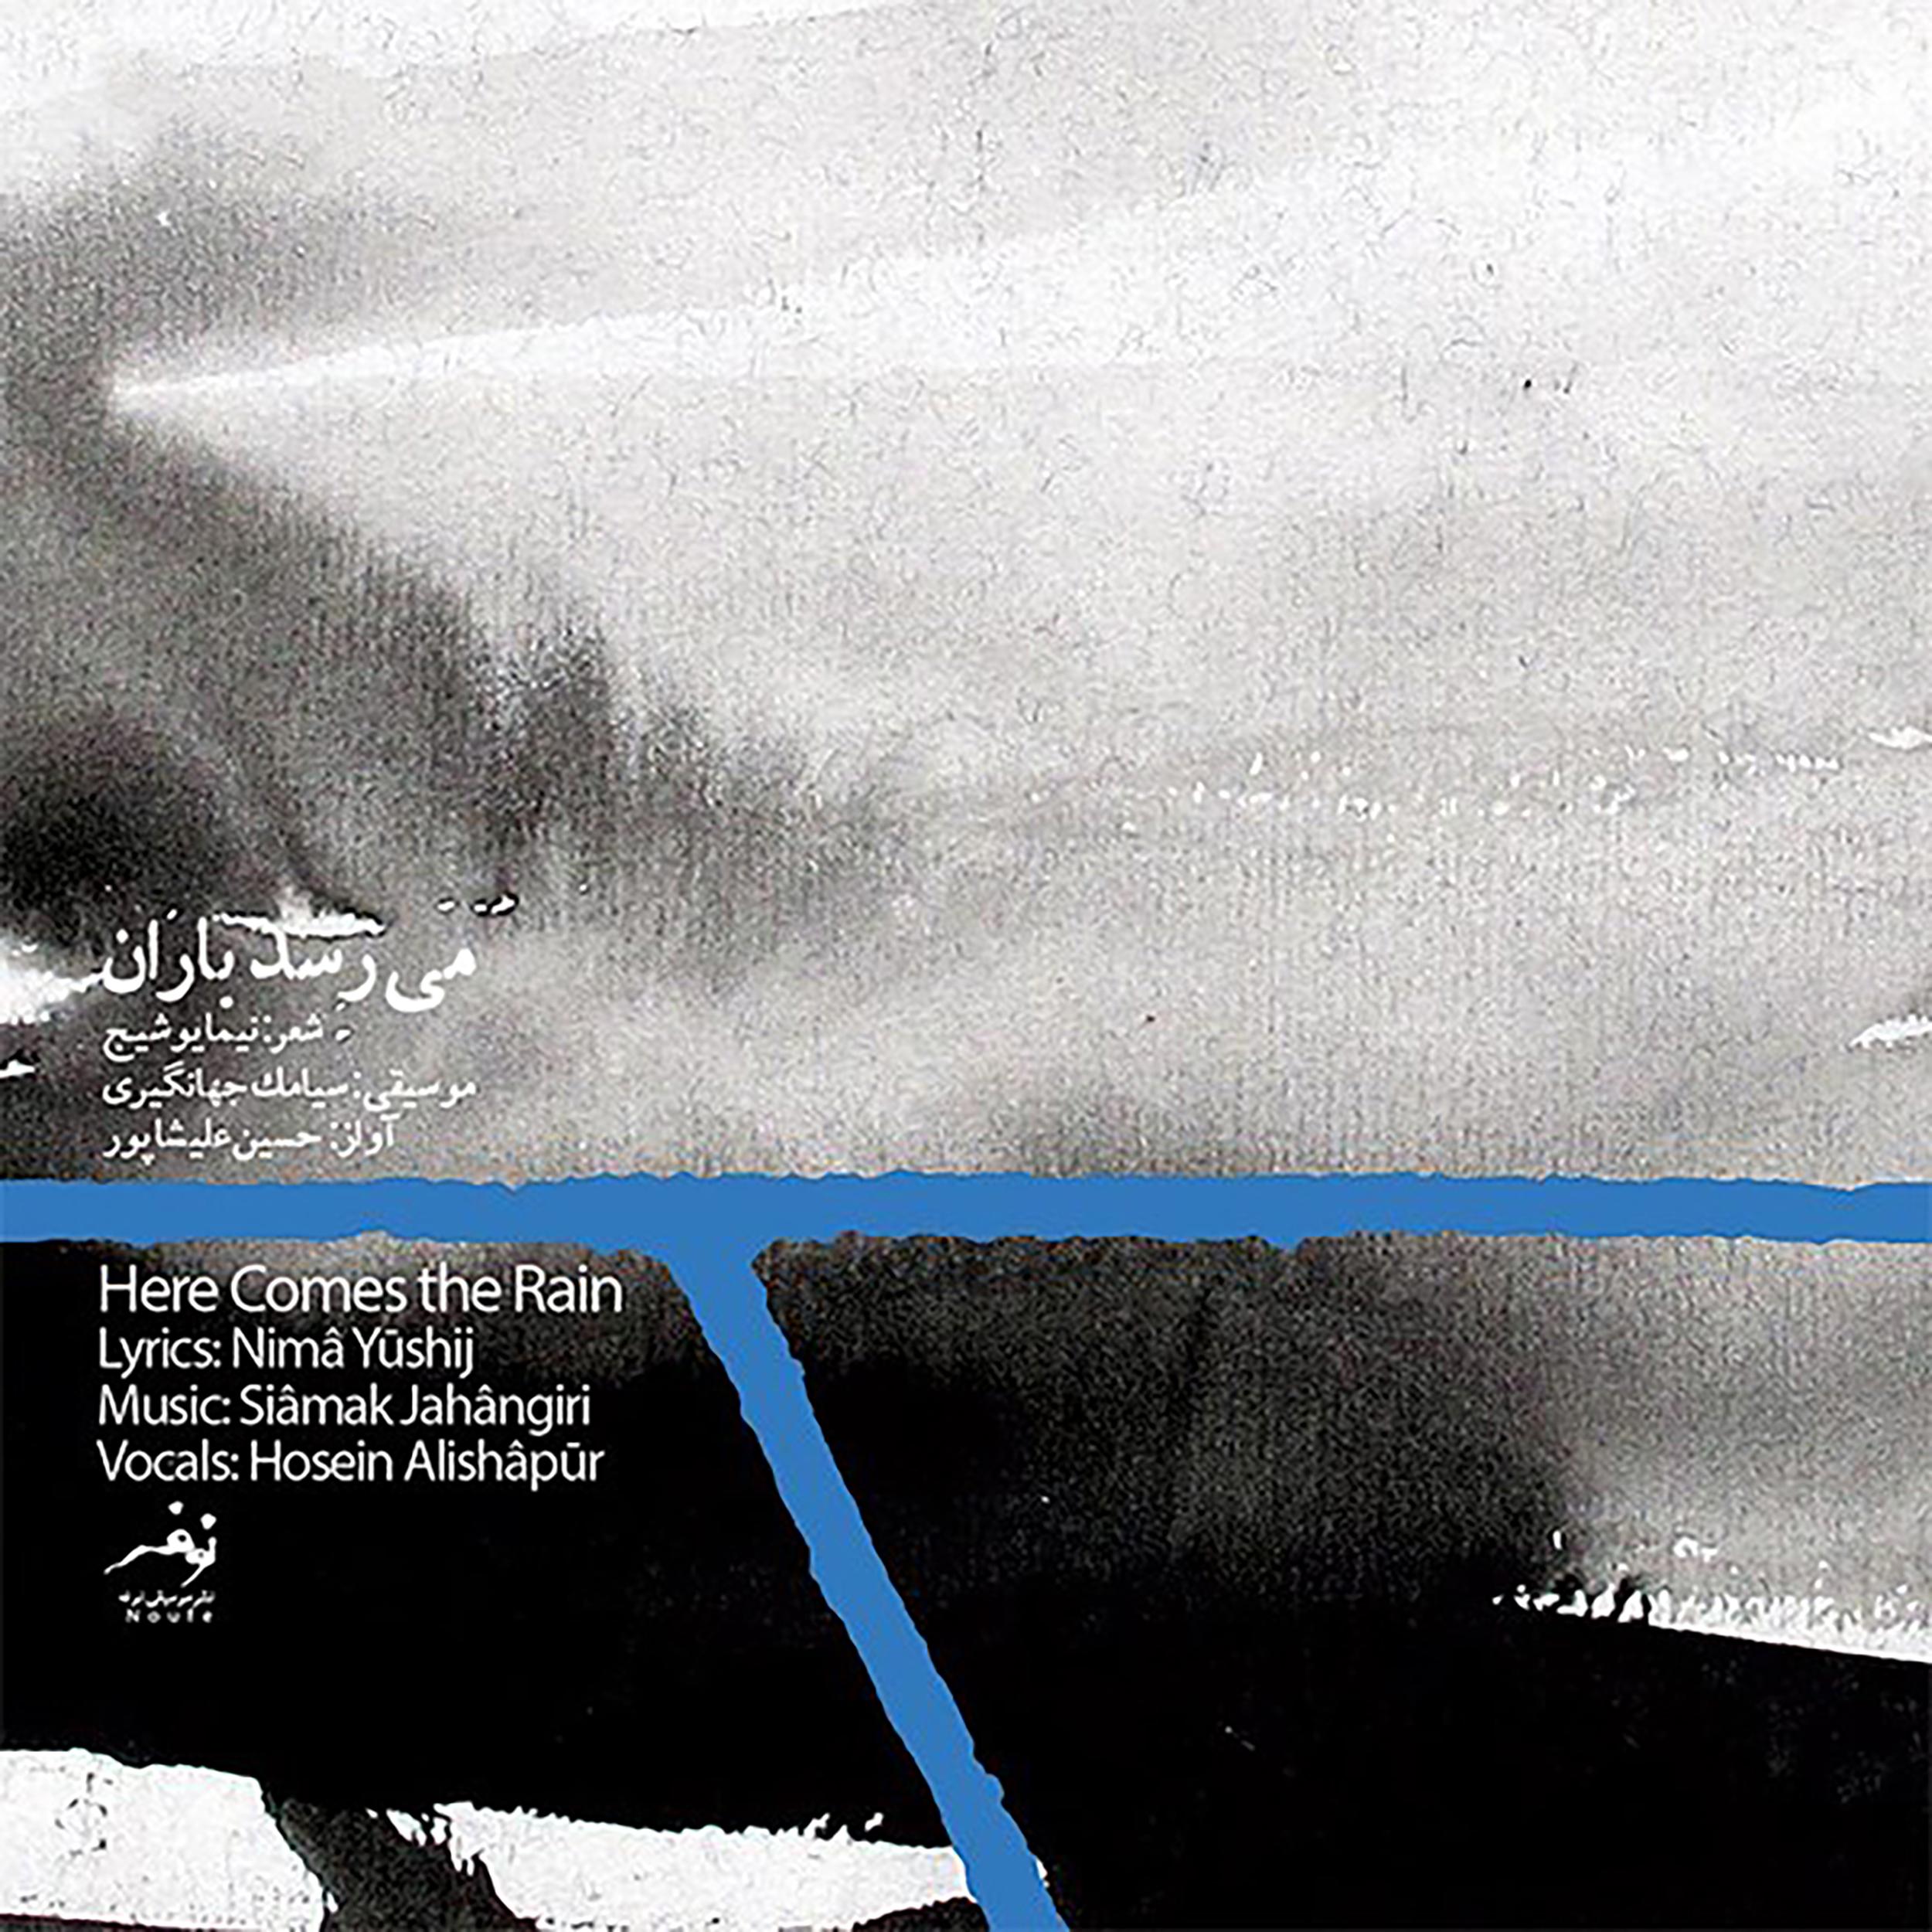 آلبوم موسیقی می رسد باران اثر سیامک جهانگیری